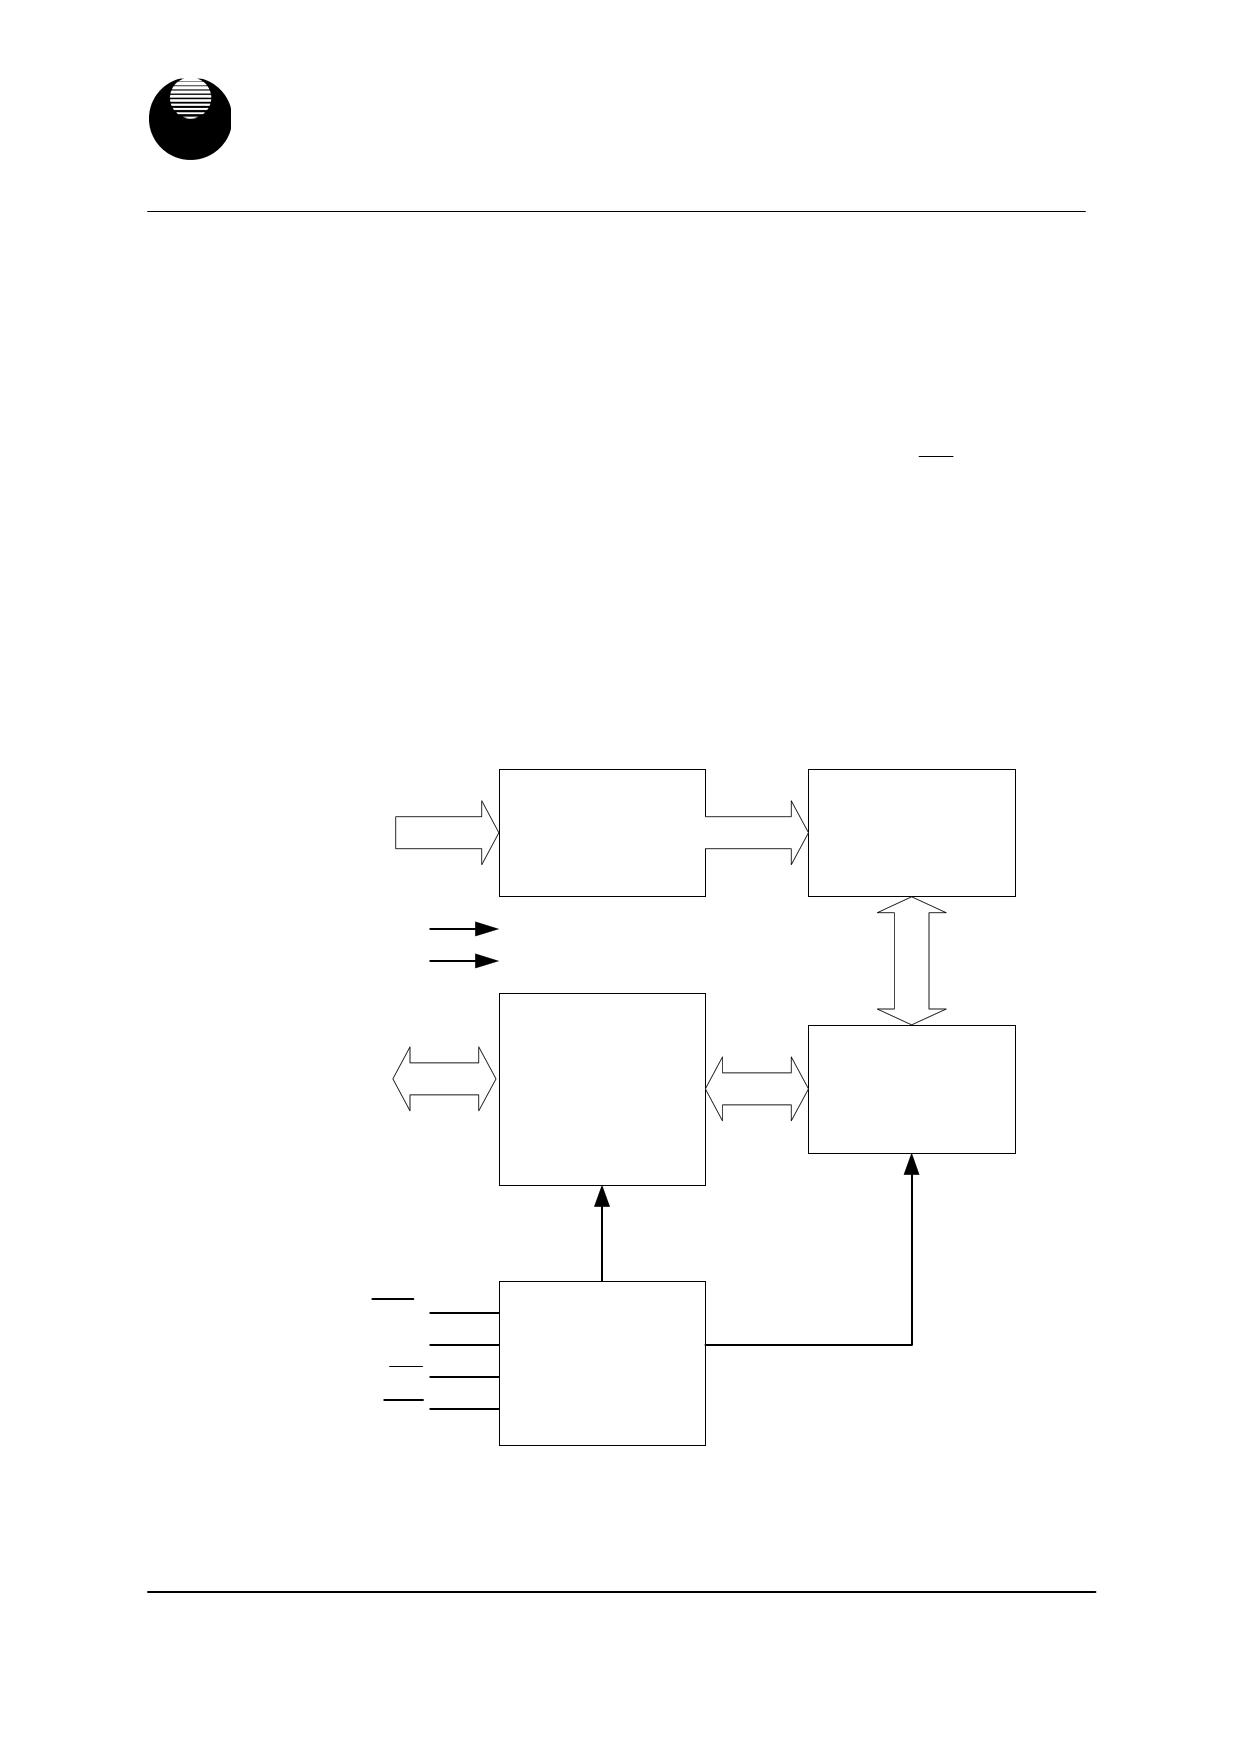 UT62L1024PC-55LL دیتاشیت PDF